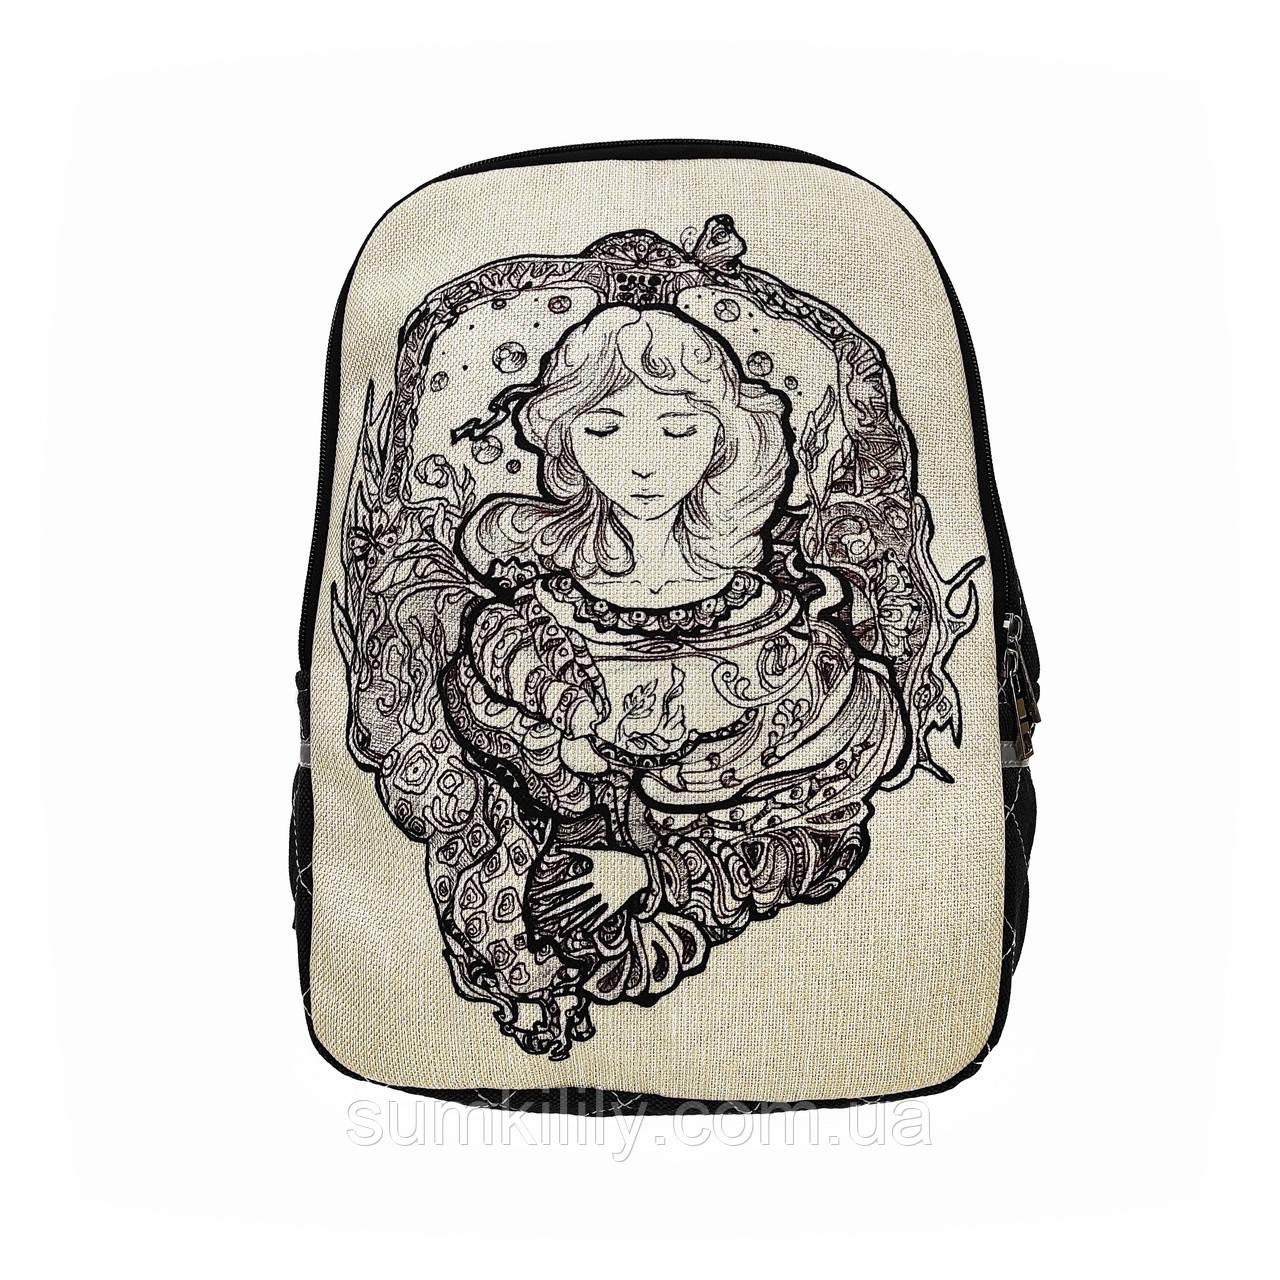 Текстильный рюкзак Мечты о будущем